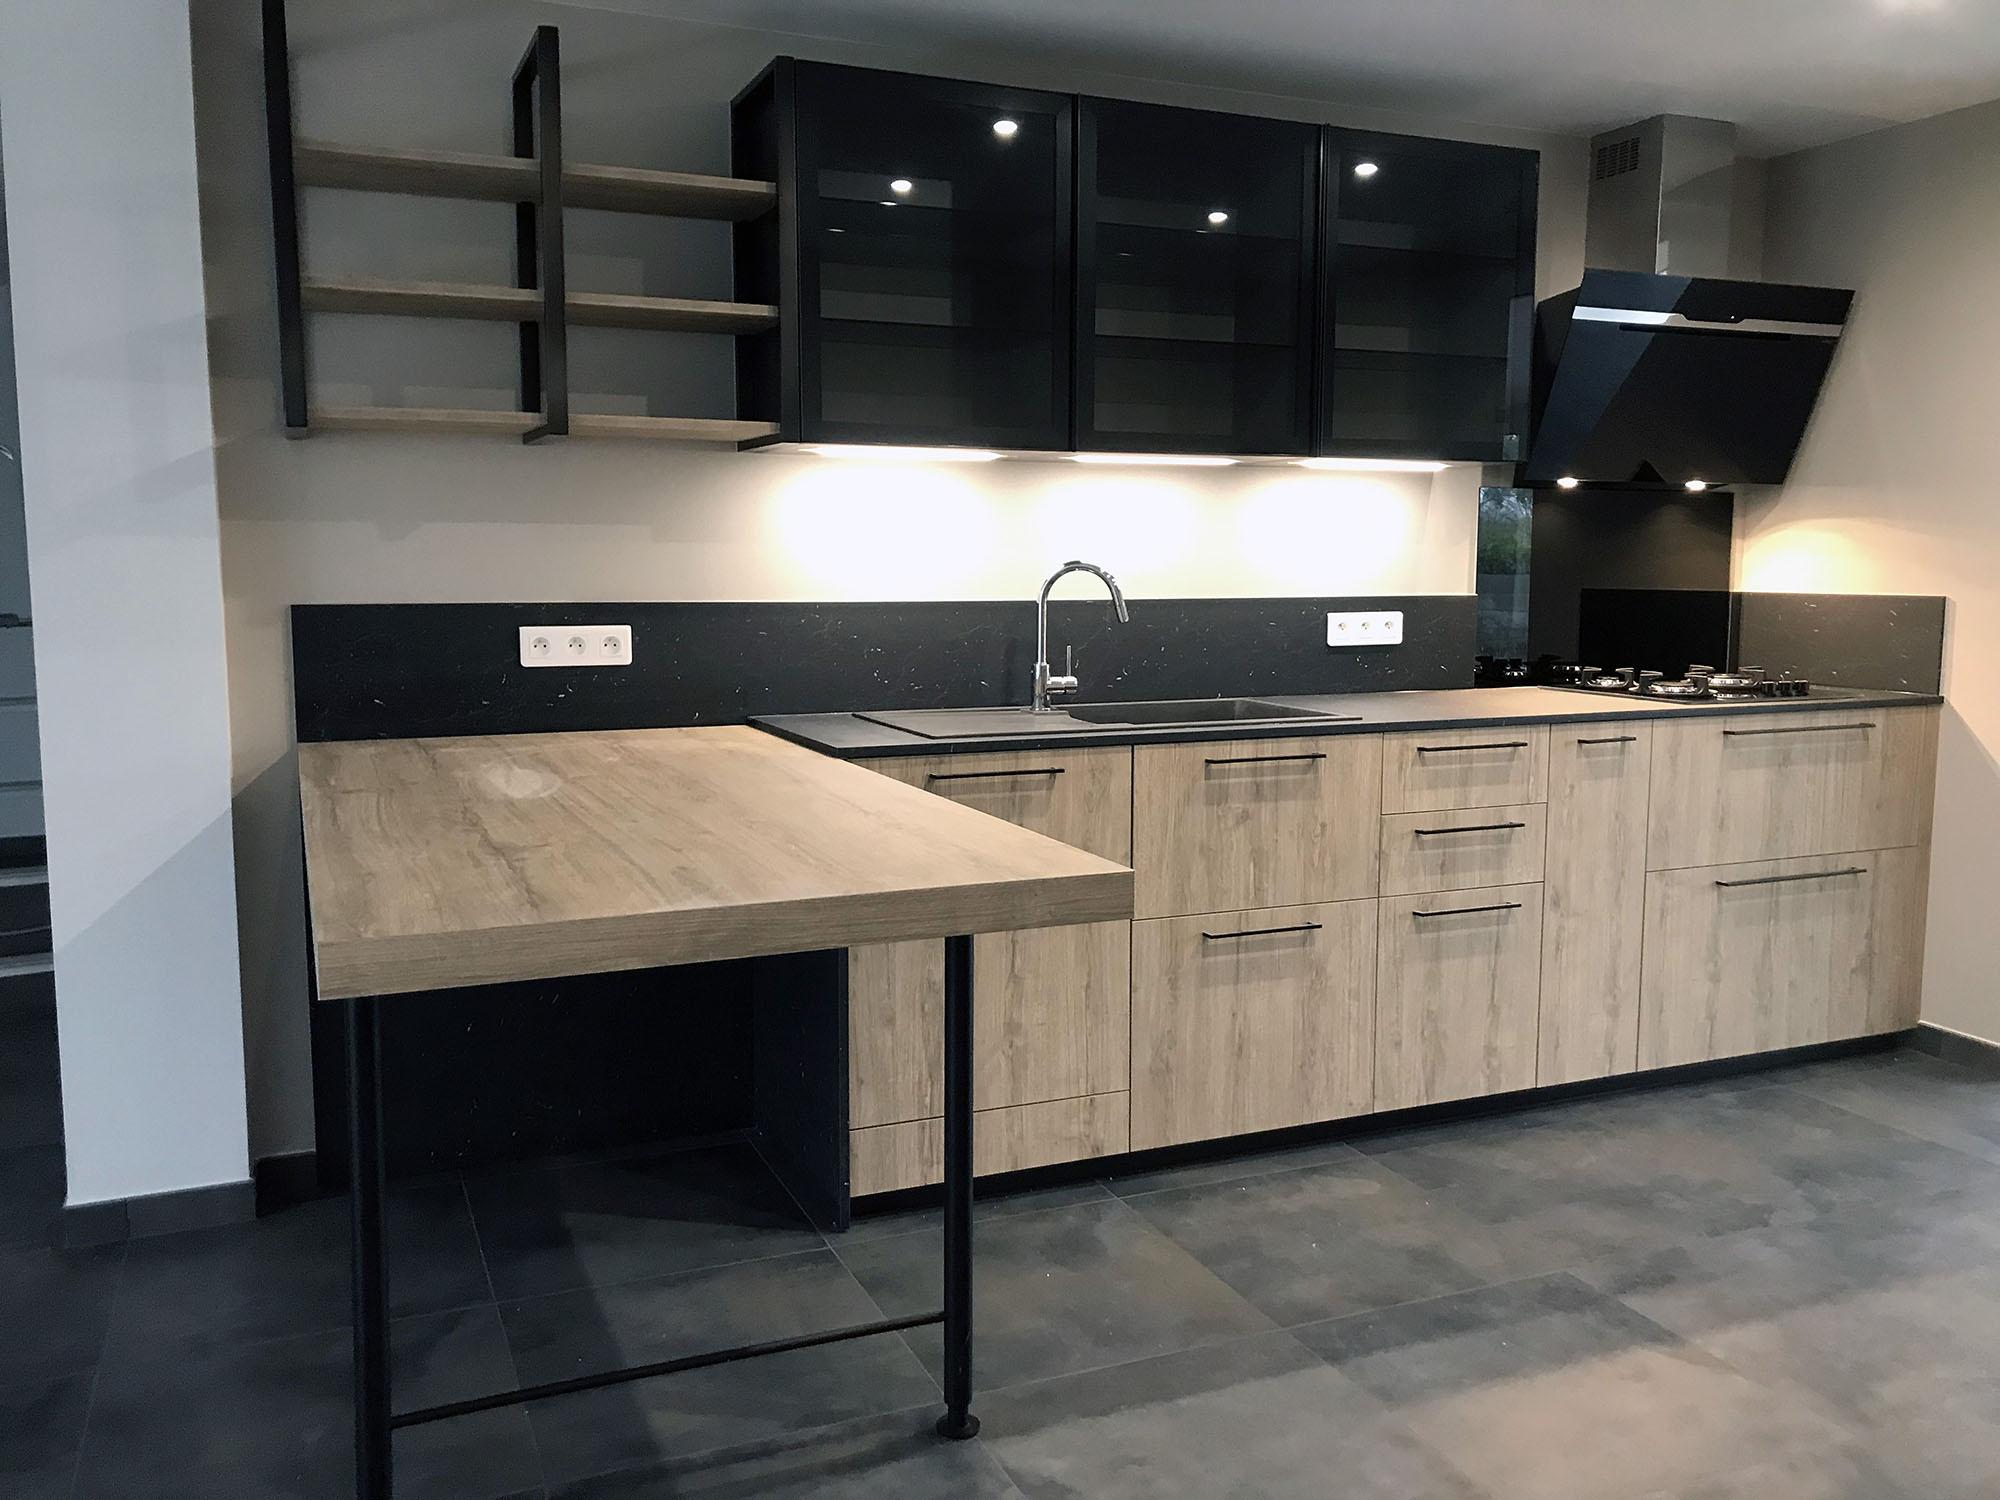 Table en épi dans cette cuisine avec de fines poignées